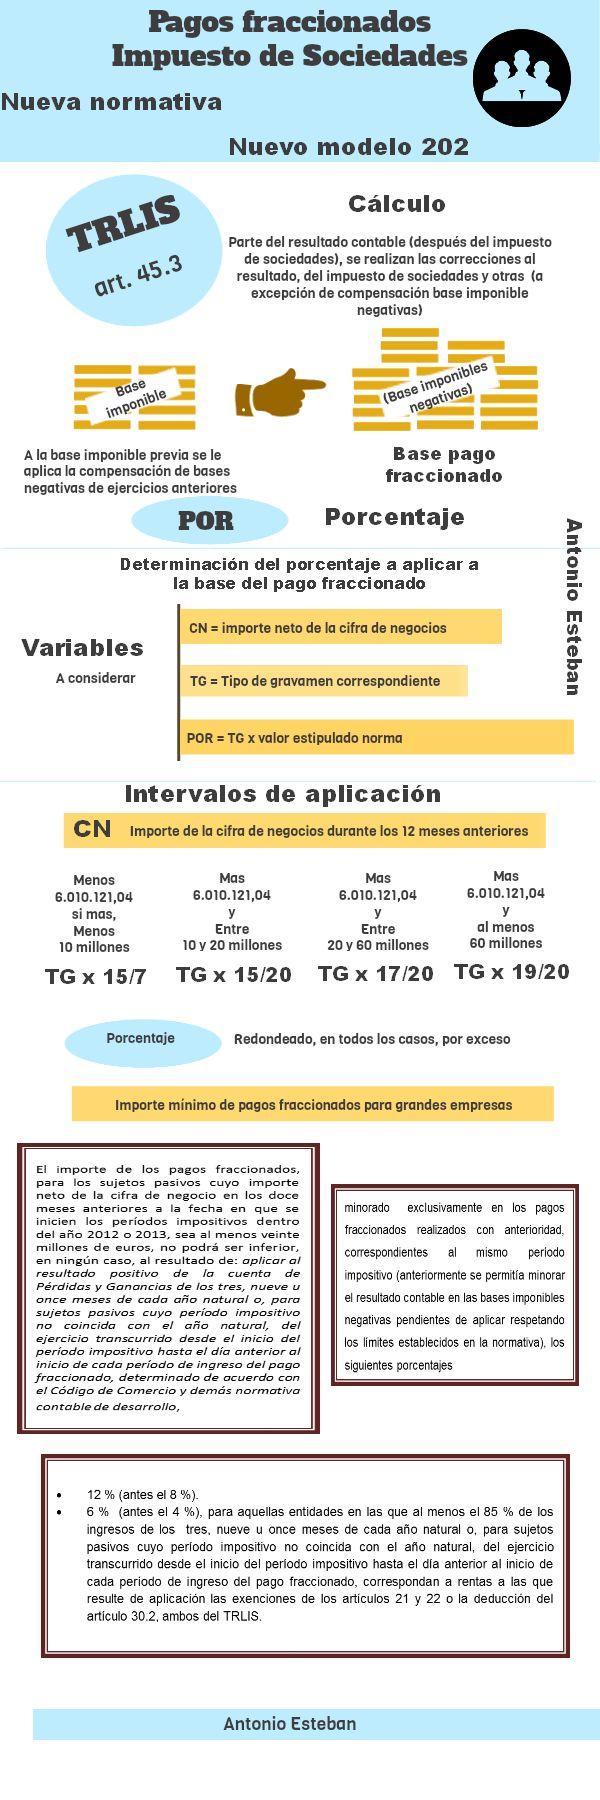 Nueva normativa y nuevo modelo 202 (pagos fraccionados IS) #infografia Via @jaesteban